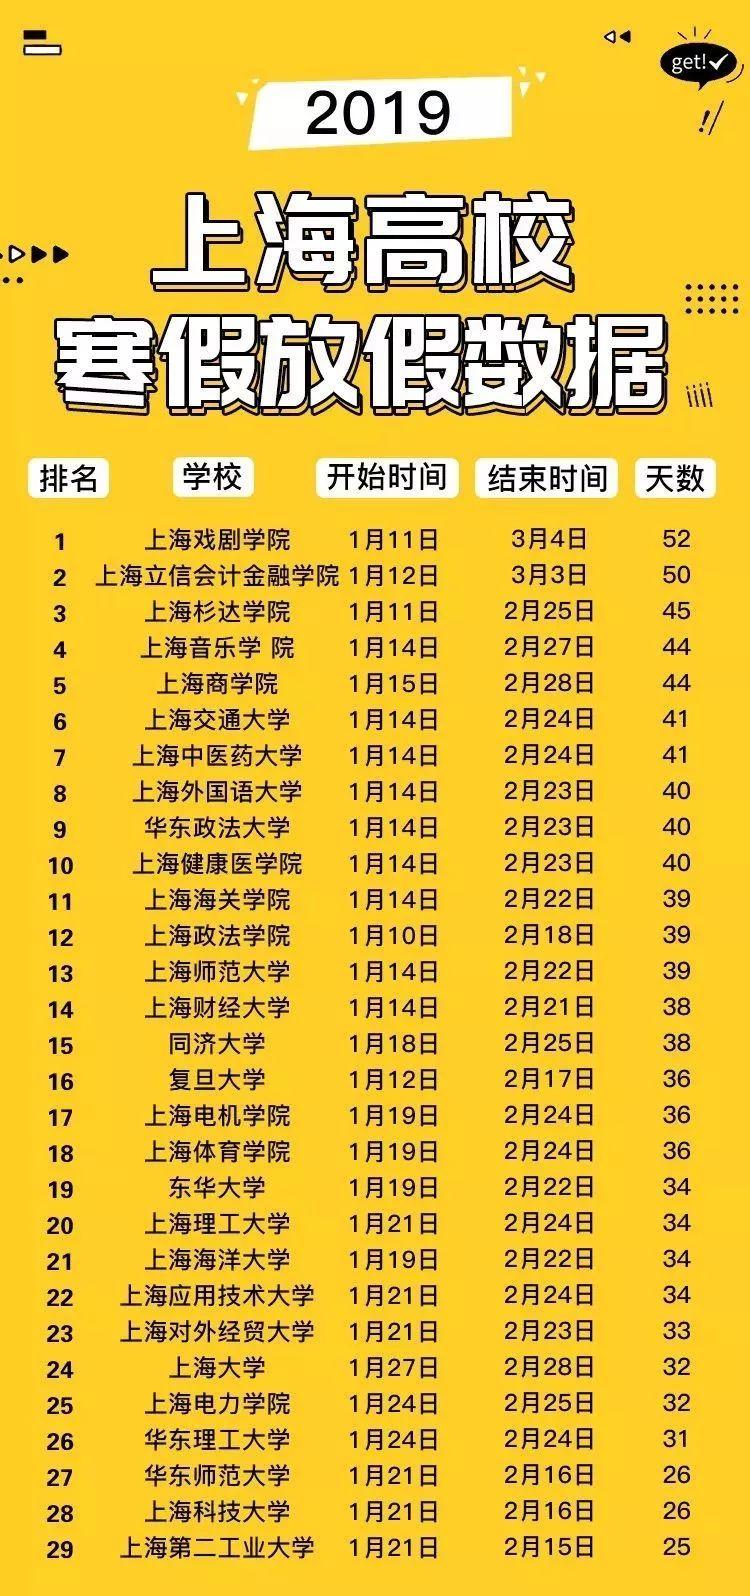 2019童鞋排行榜_2019全国高校寒假排行榜,最长的竟然有56天!